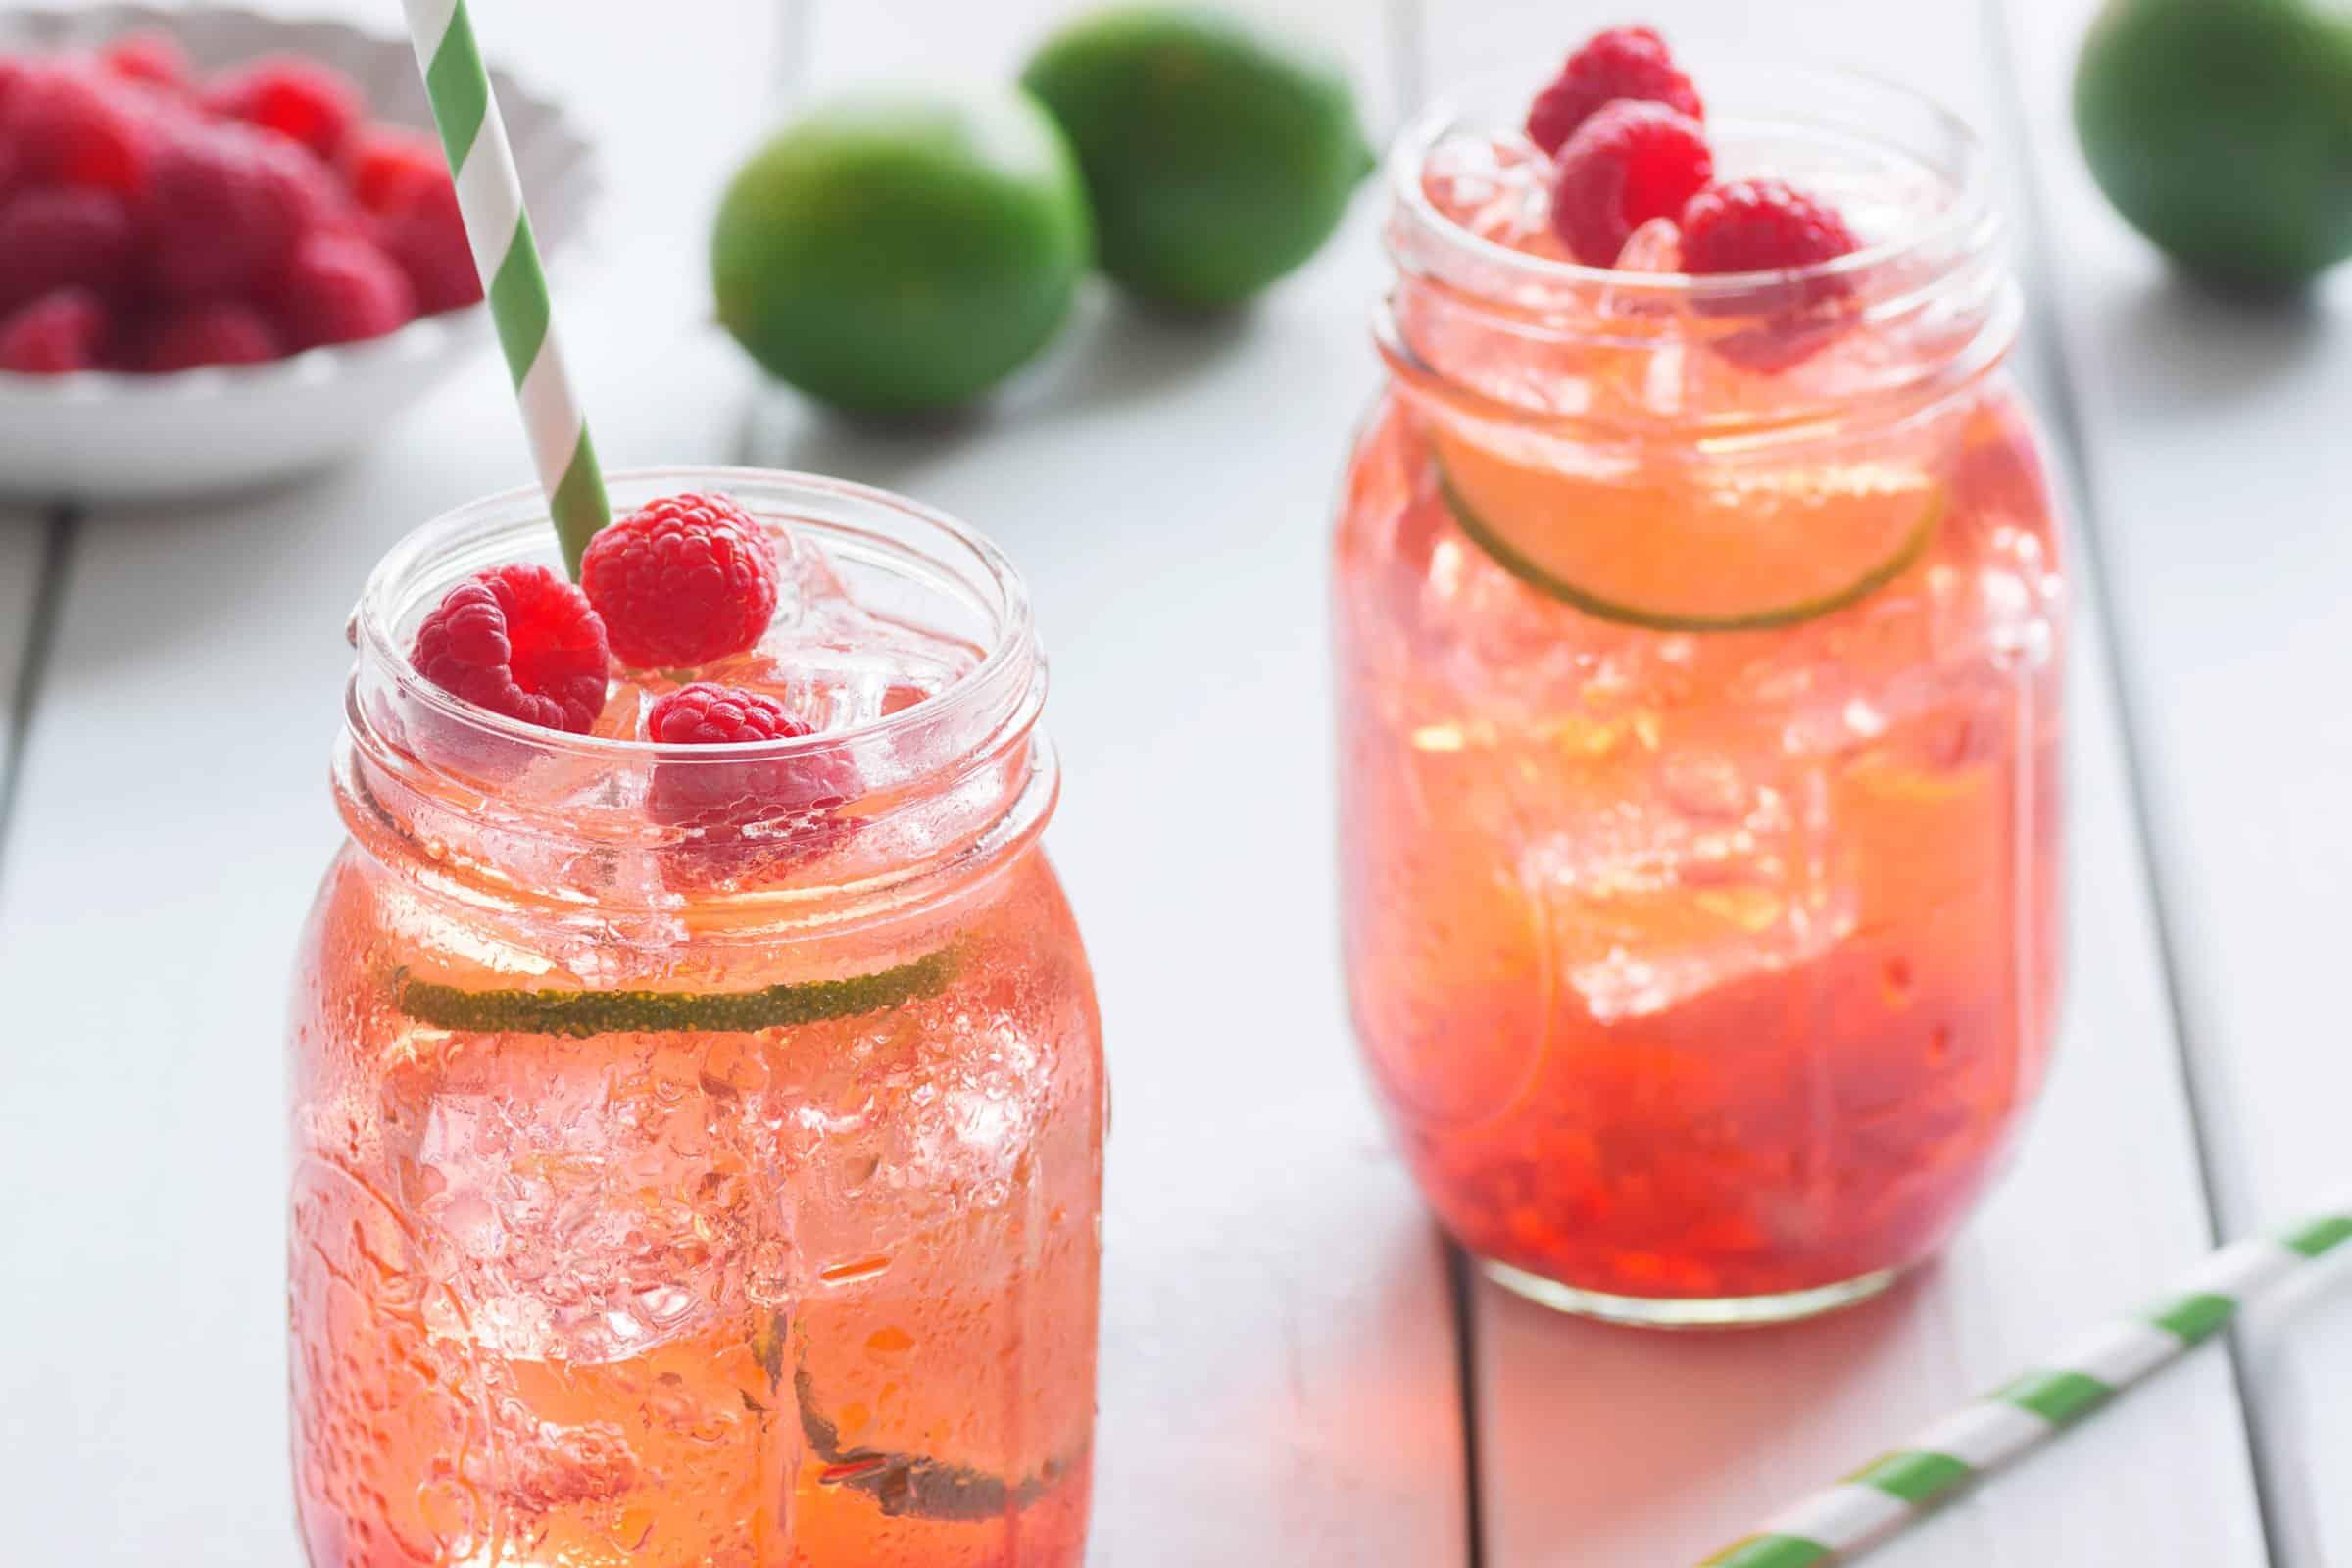 Raspberry ice tea